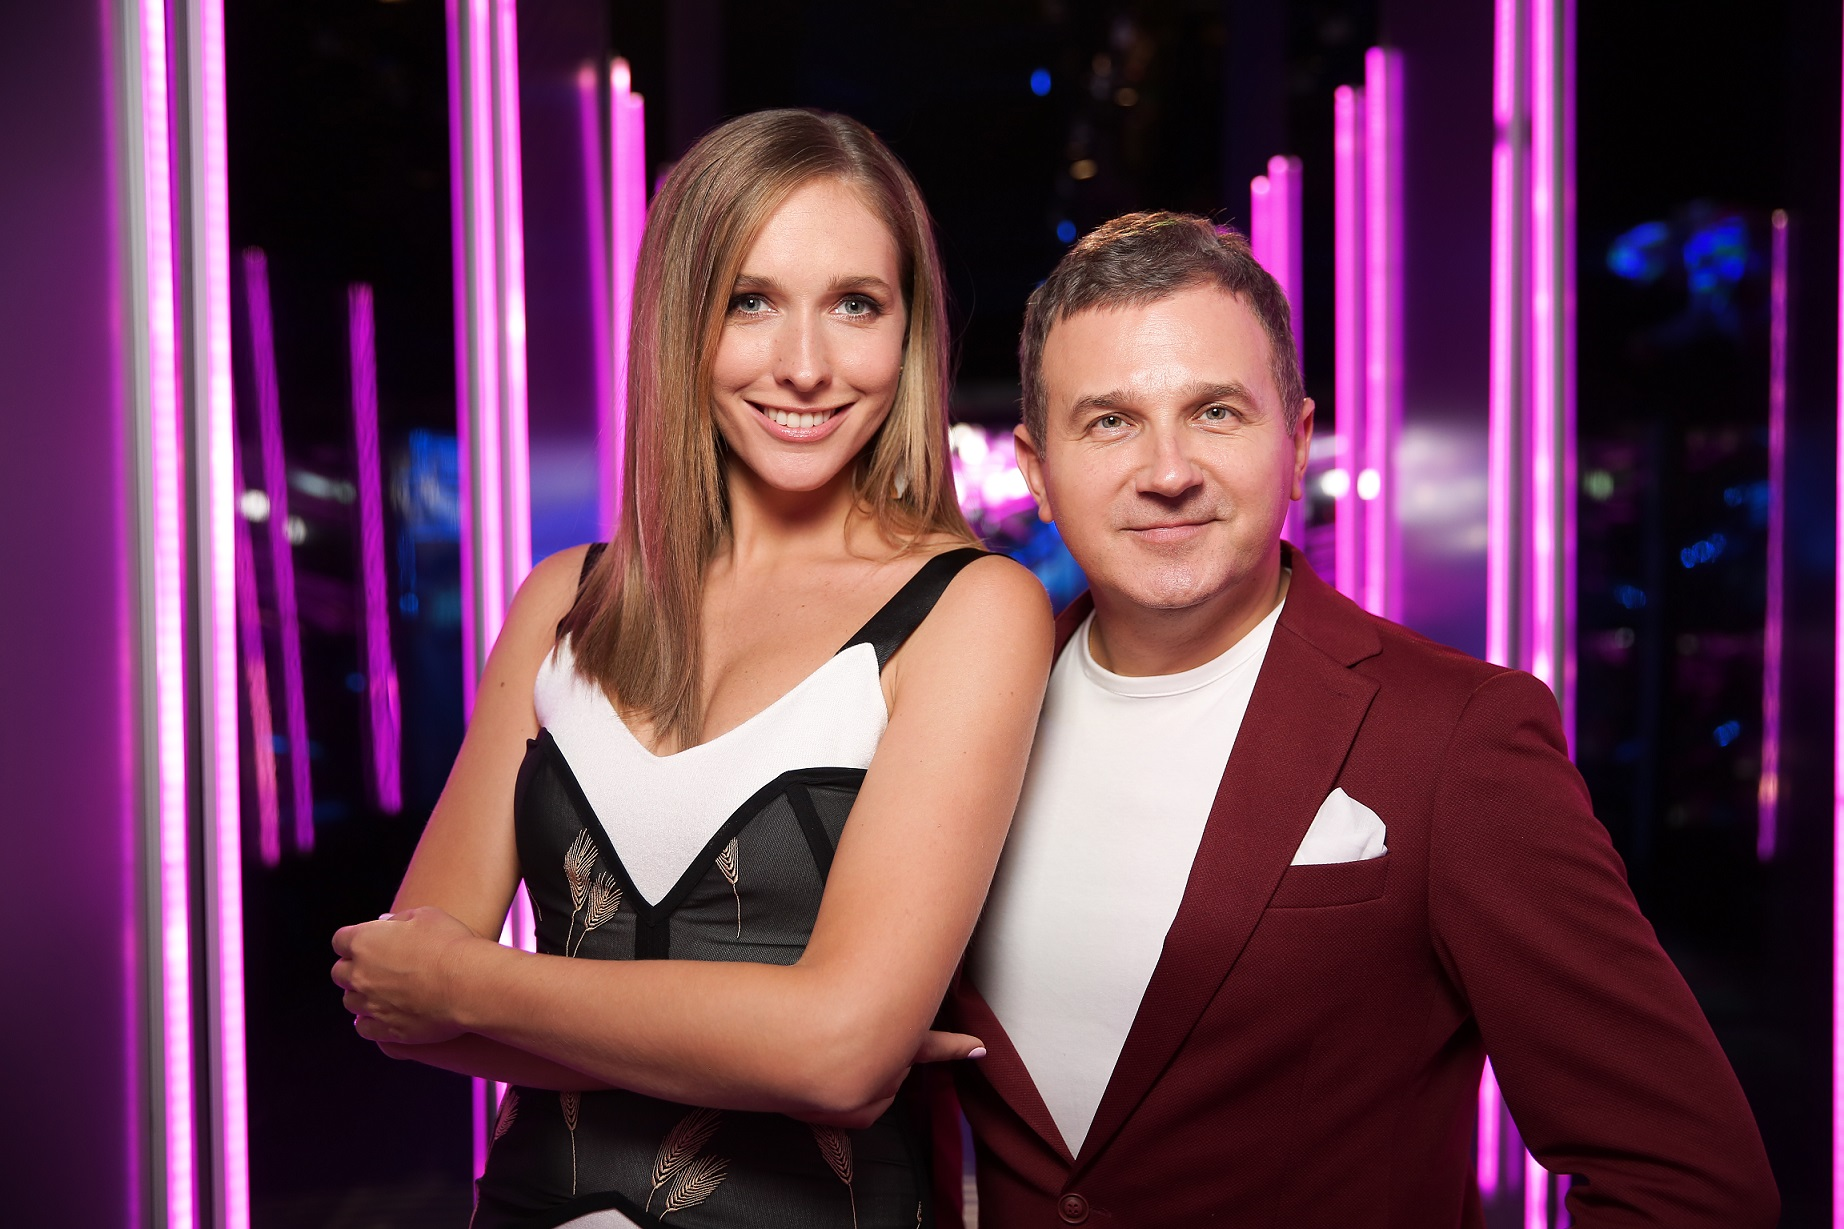 Премьера «Голосу країни 8» возглавила рейтинг развлекательных программ